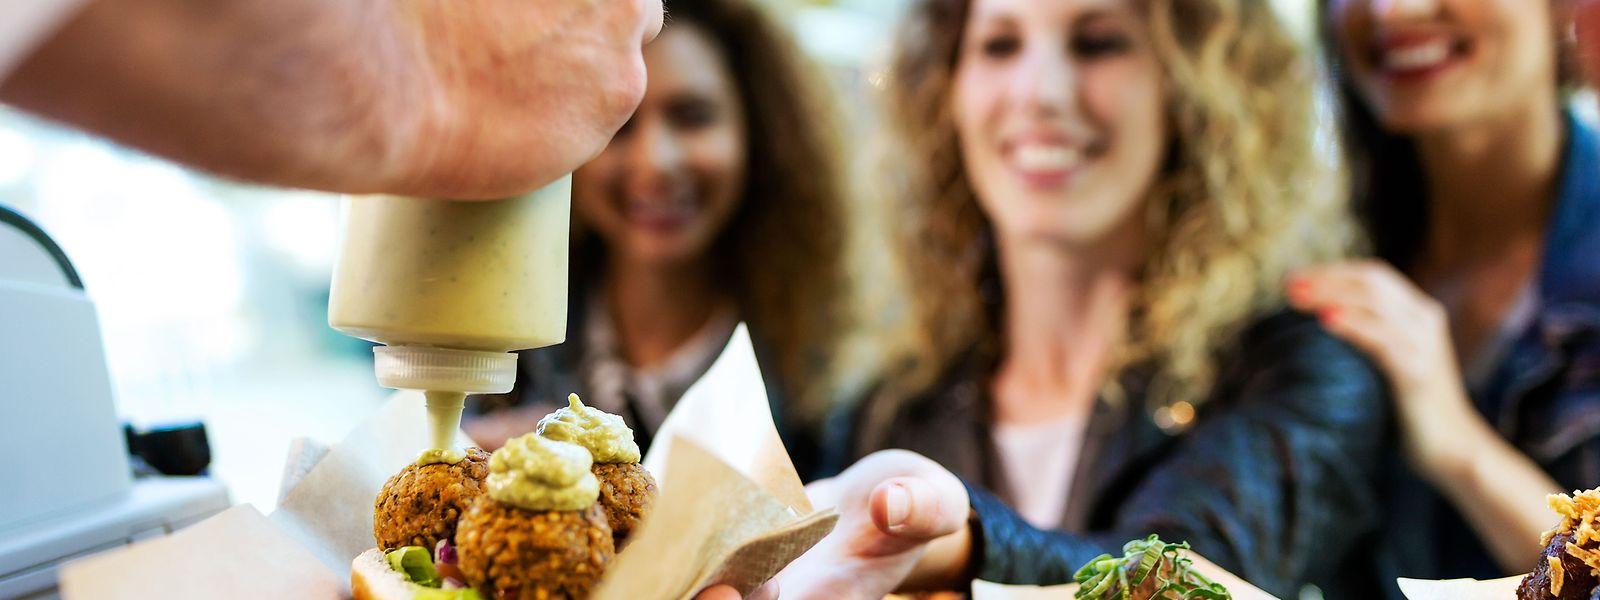 Selon l'association «Touchpoints», la plupart des réfugiés qui souhaitent devenir indépendants au Luxembourg ont des idées commerciales très simples, food truck ou petite restauration.